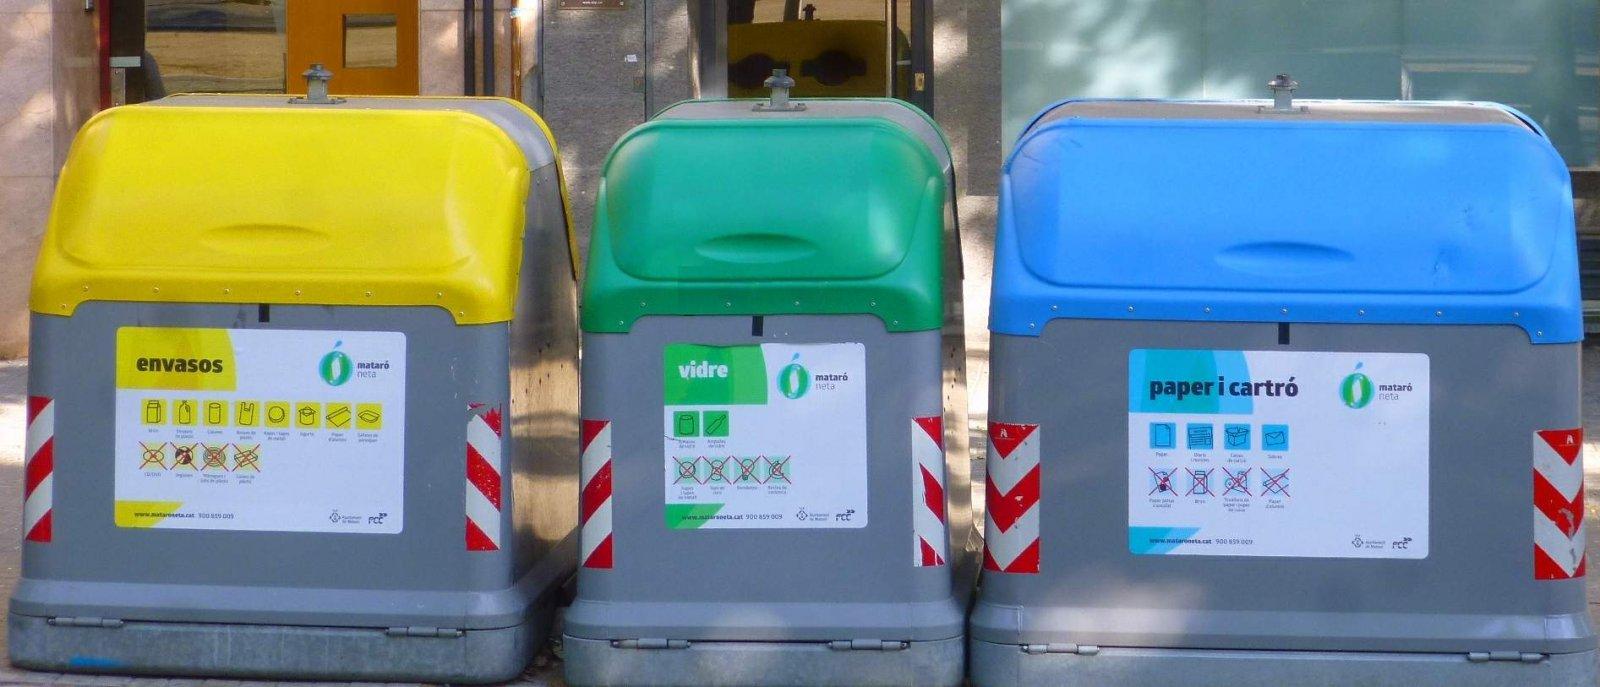 Contenidors de reciclatge